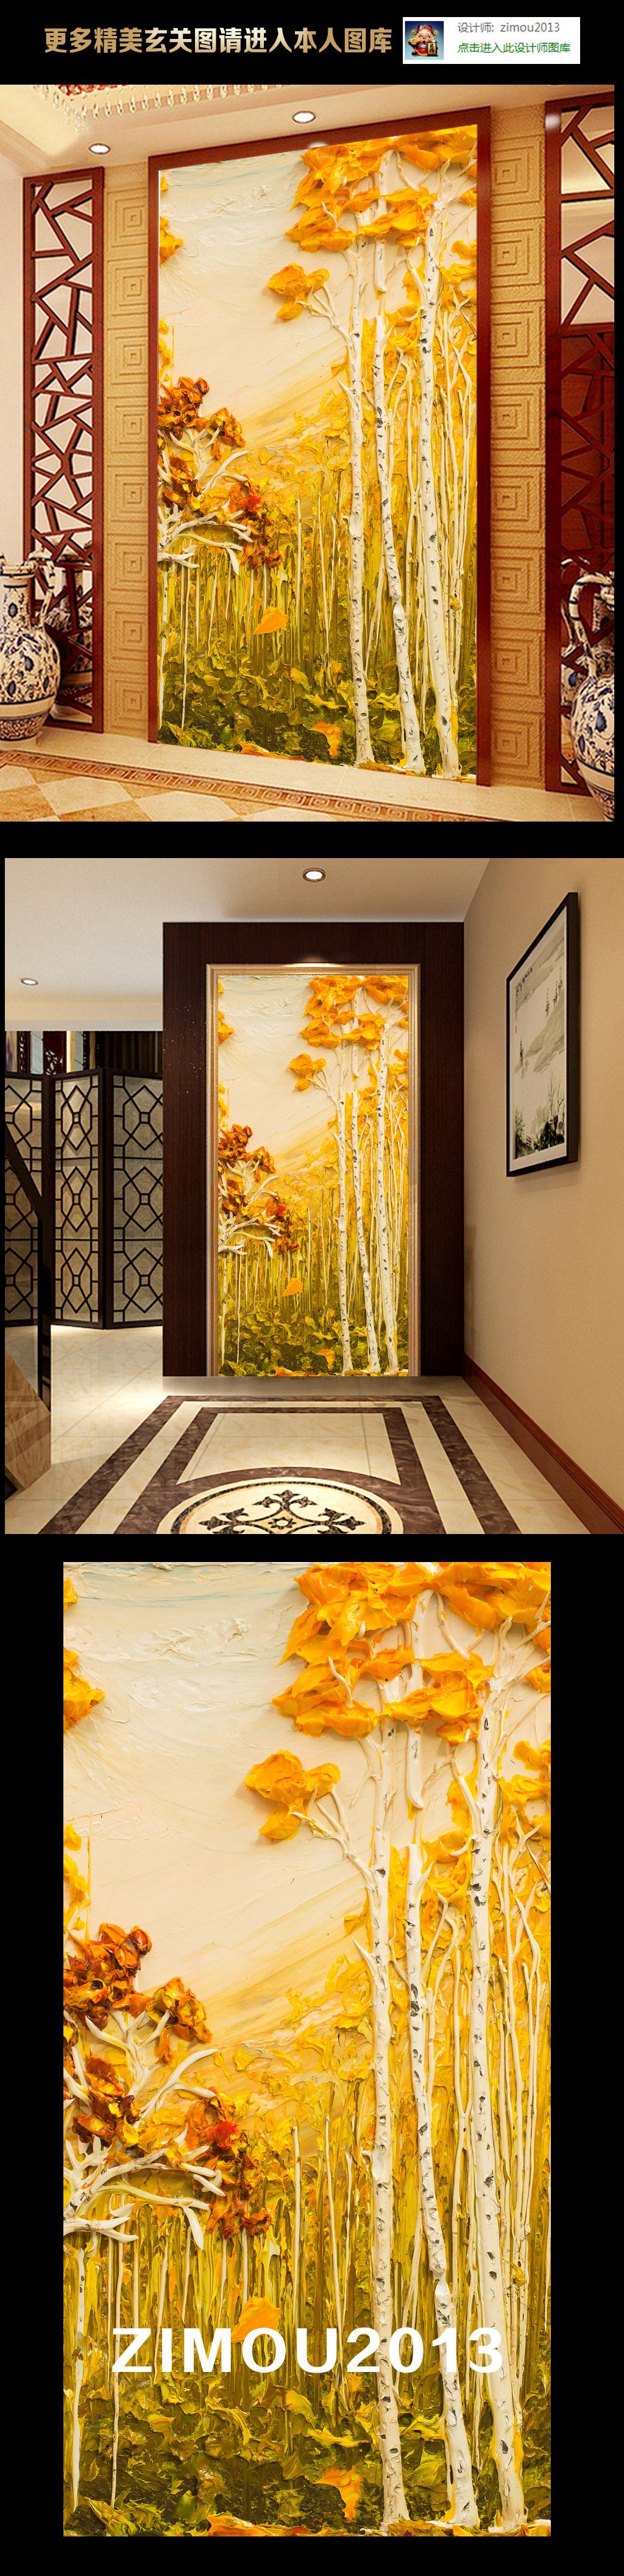 手绘立体油画 油画玄关设计 手绘 墙画 无缝 中式 古典 中国风 瓷砖背